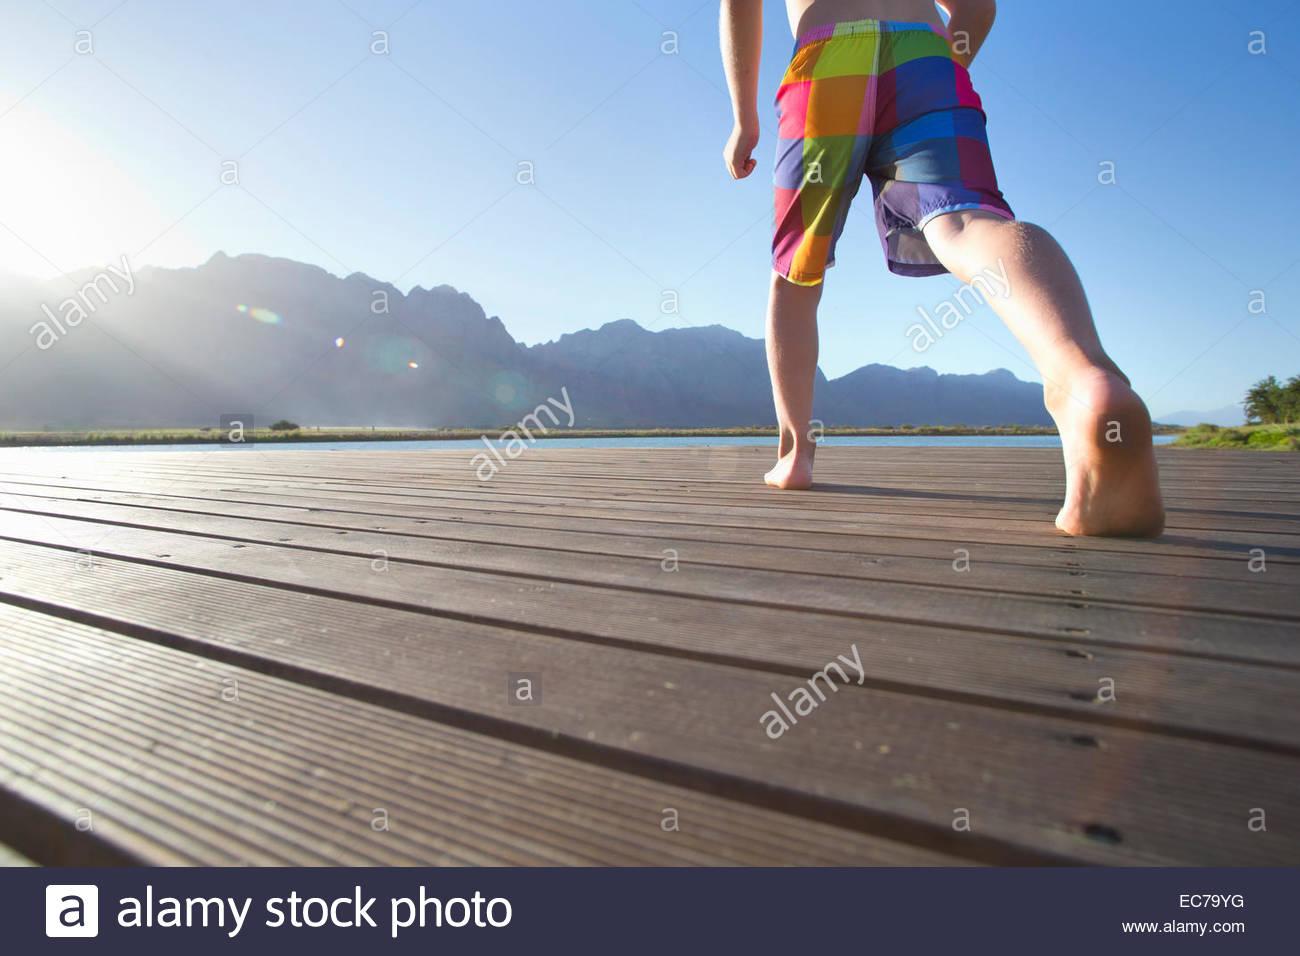 Junge laufen, um von einem Steg in den See springen Stockbild